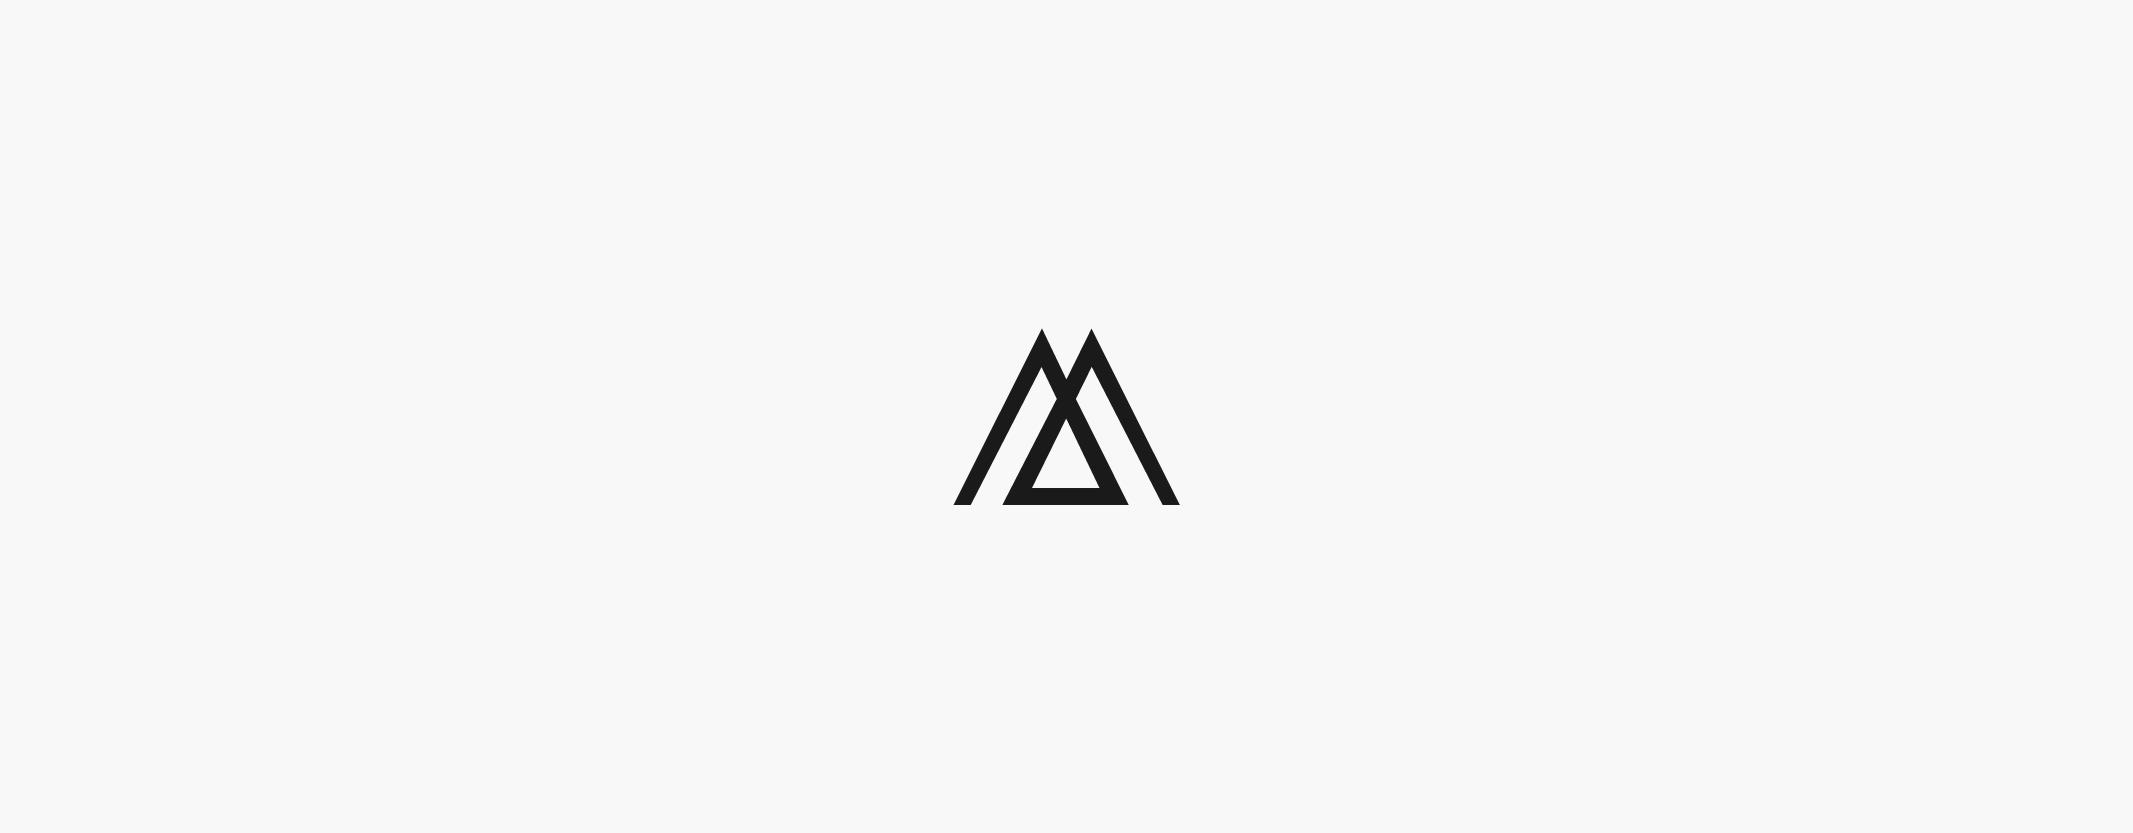 52_logos_ma